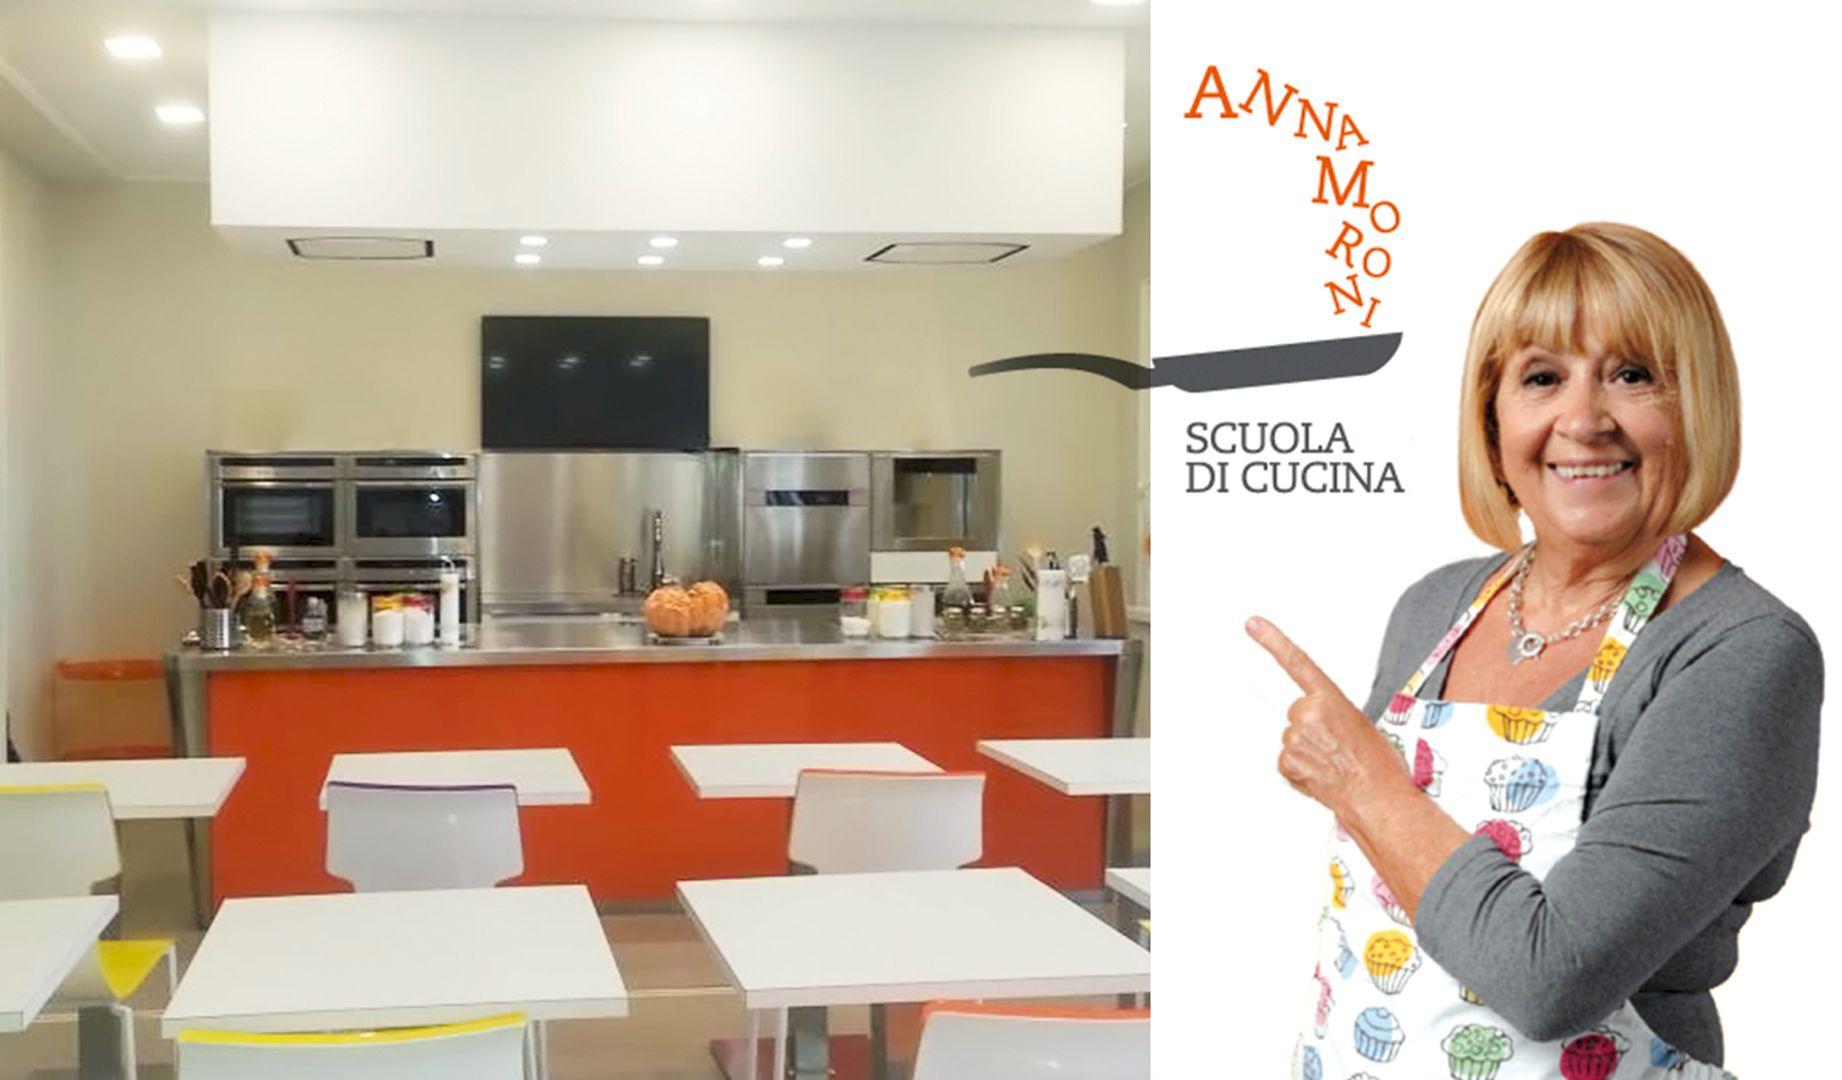 Scuola di cucina di anna moroni arca cucine italia cucine in acciaio inox - Scuola di cucina milano ...